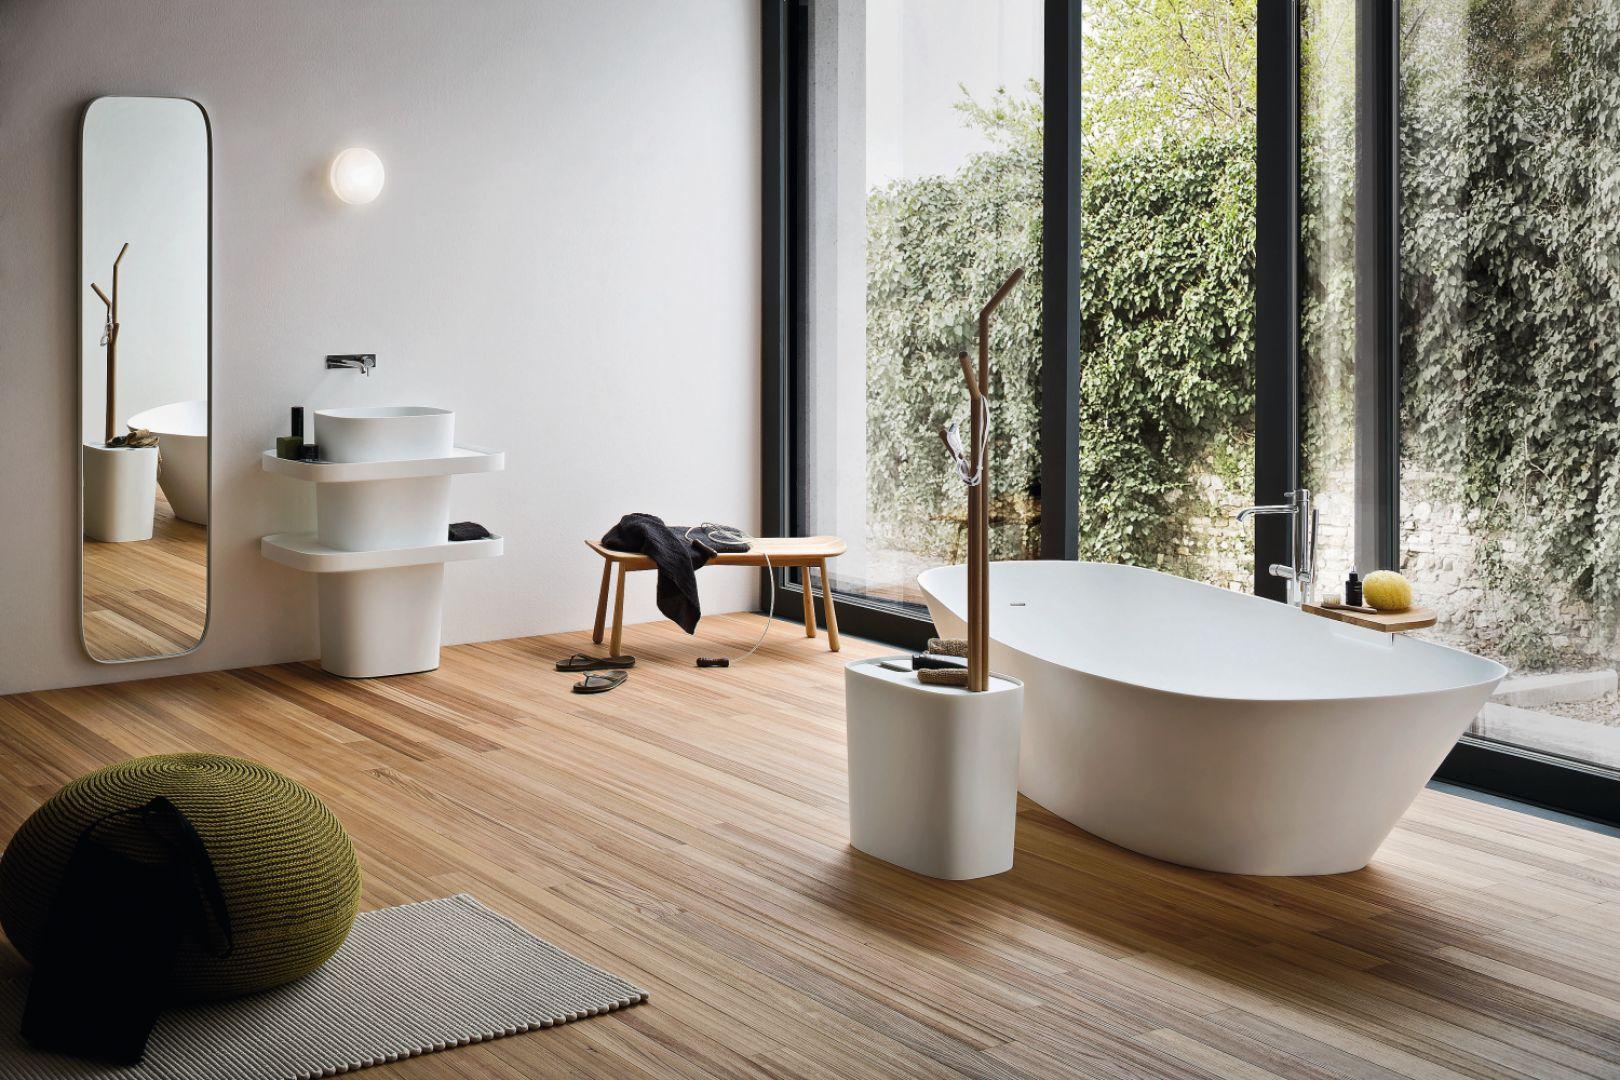 Aranżacja salonu kąpielowego z akcesoriami i ceramiką z serii Fonte marki Rexa Design. Fot. Rexa Design